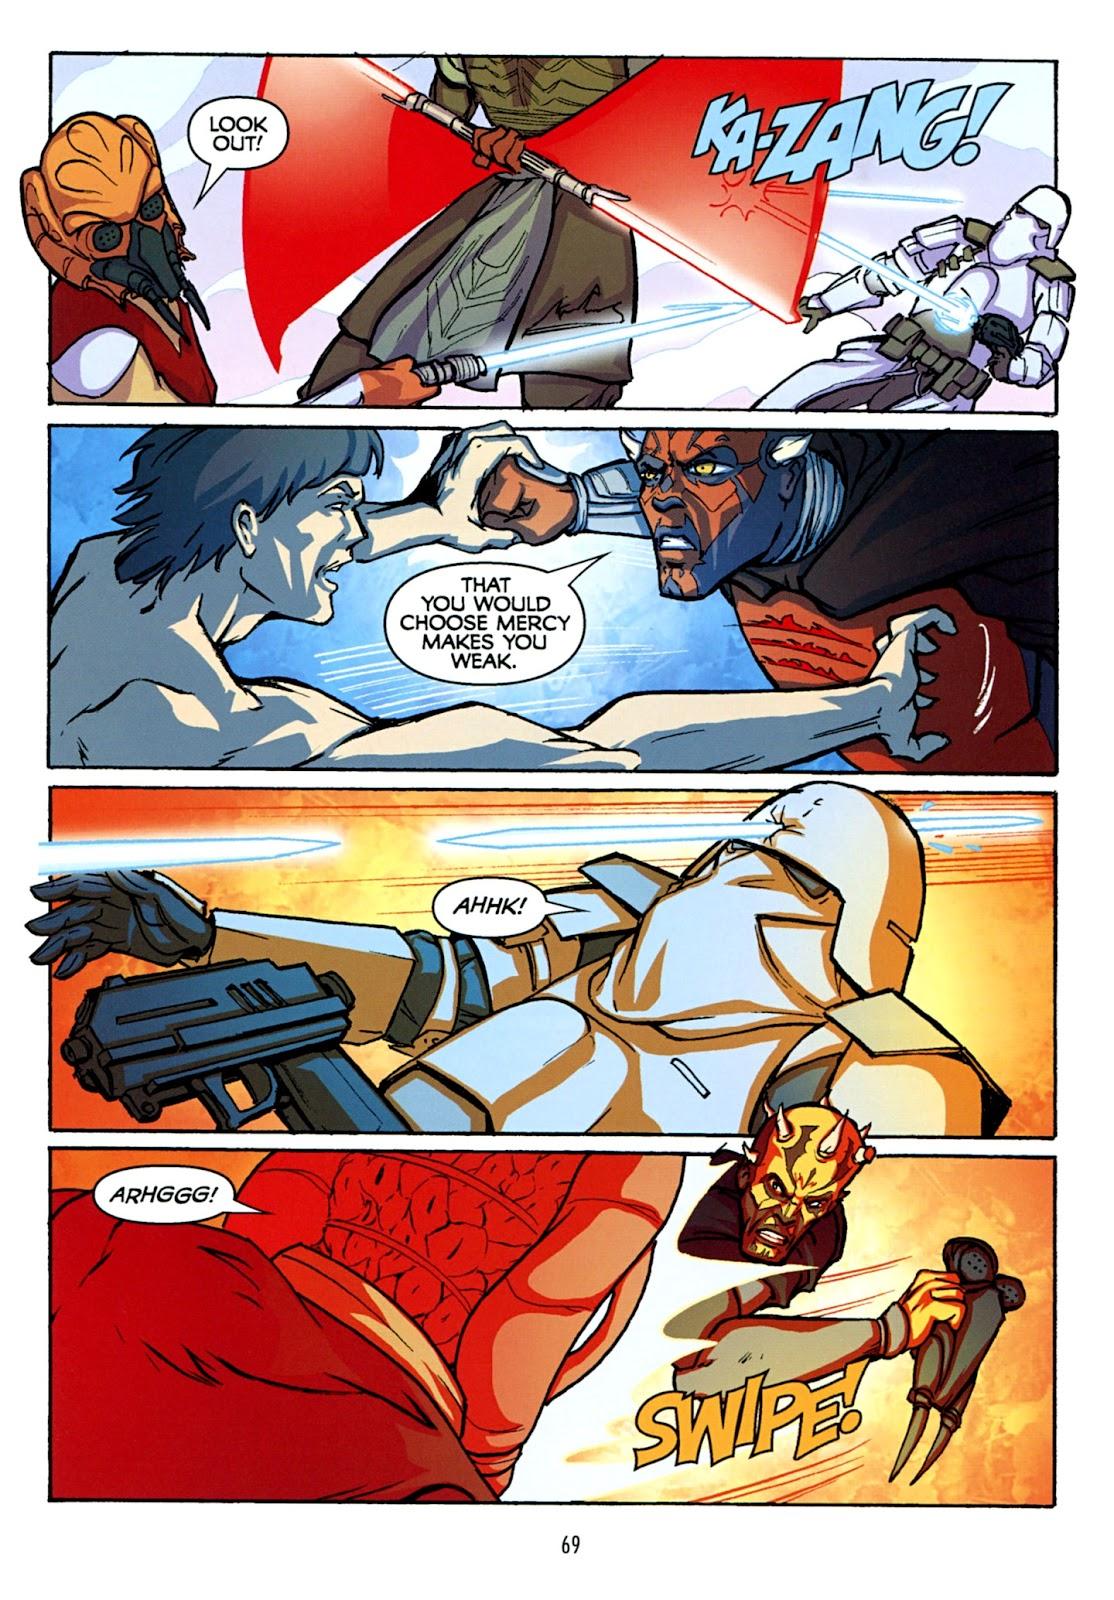 Why the Hero of Umbara is Bruu-Lee Fan QRr7RKluQqQ2srRHsBT6D7XzKTrLBxj3h75aXebP6P53rAzCWbI3NYkcFTLitRtIfdMdlPpo3cpc=s1600